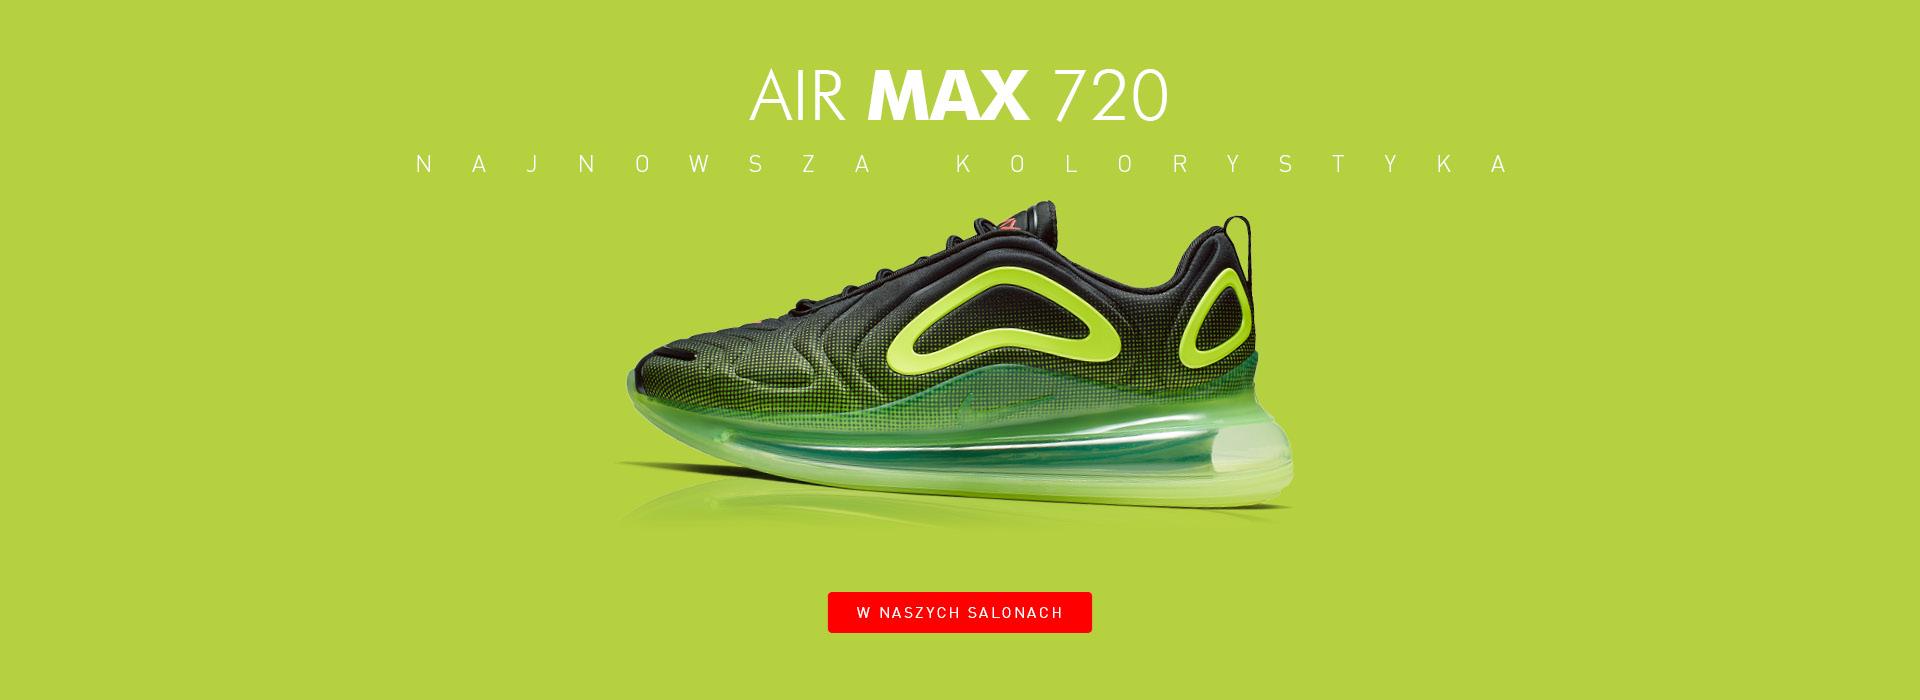 c373b1330b094 Oryginalne buty i odzież sportowa Nike